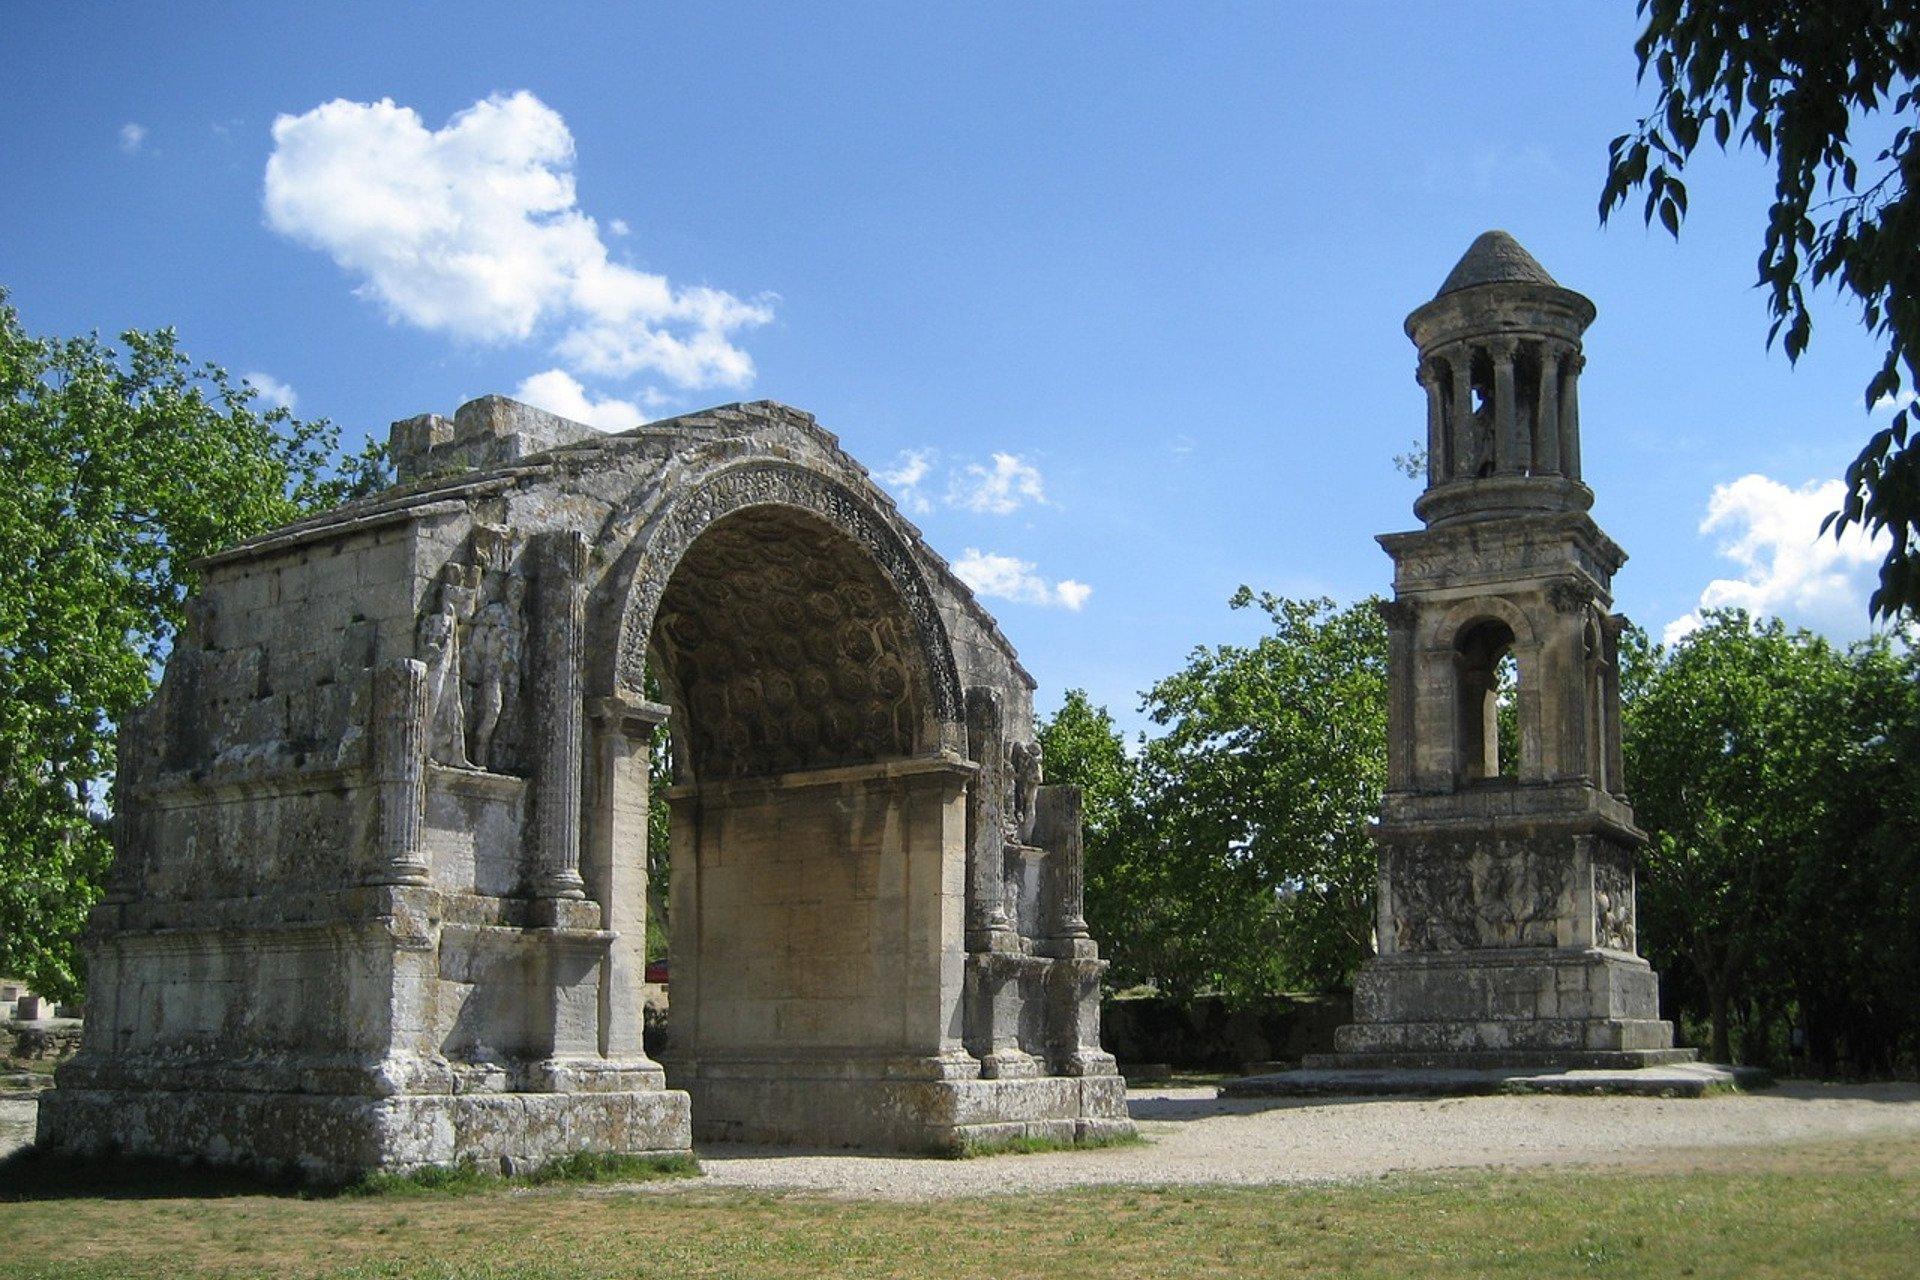 Sîte archéologique de Glanum